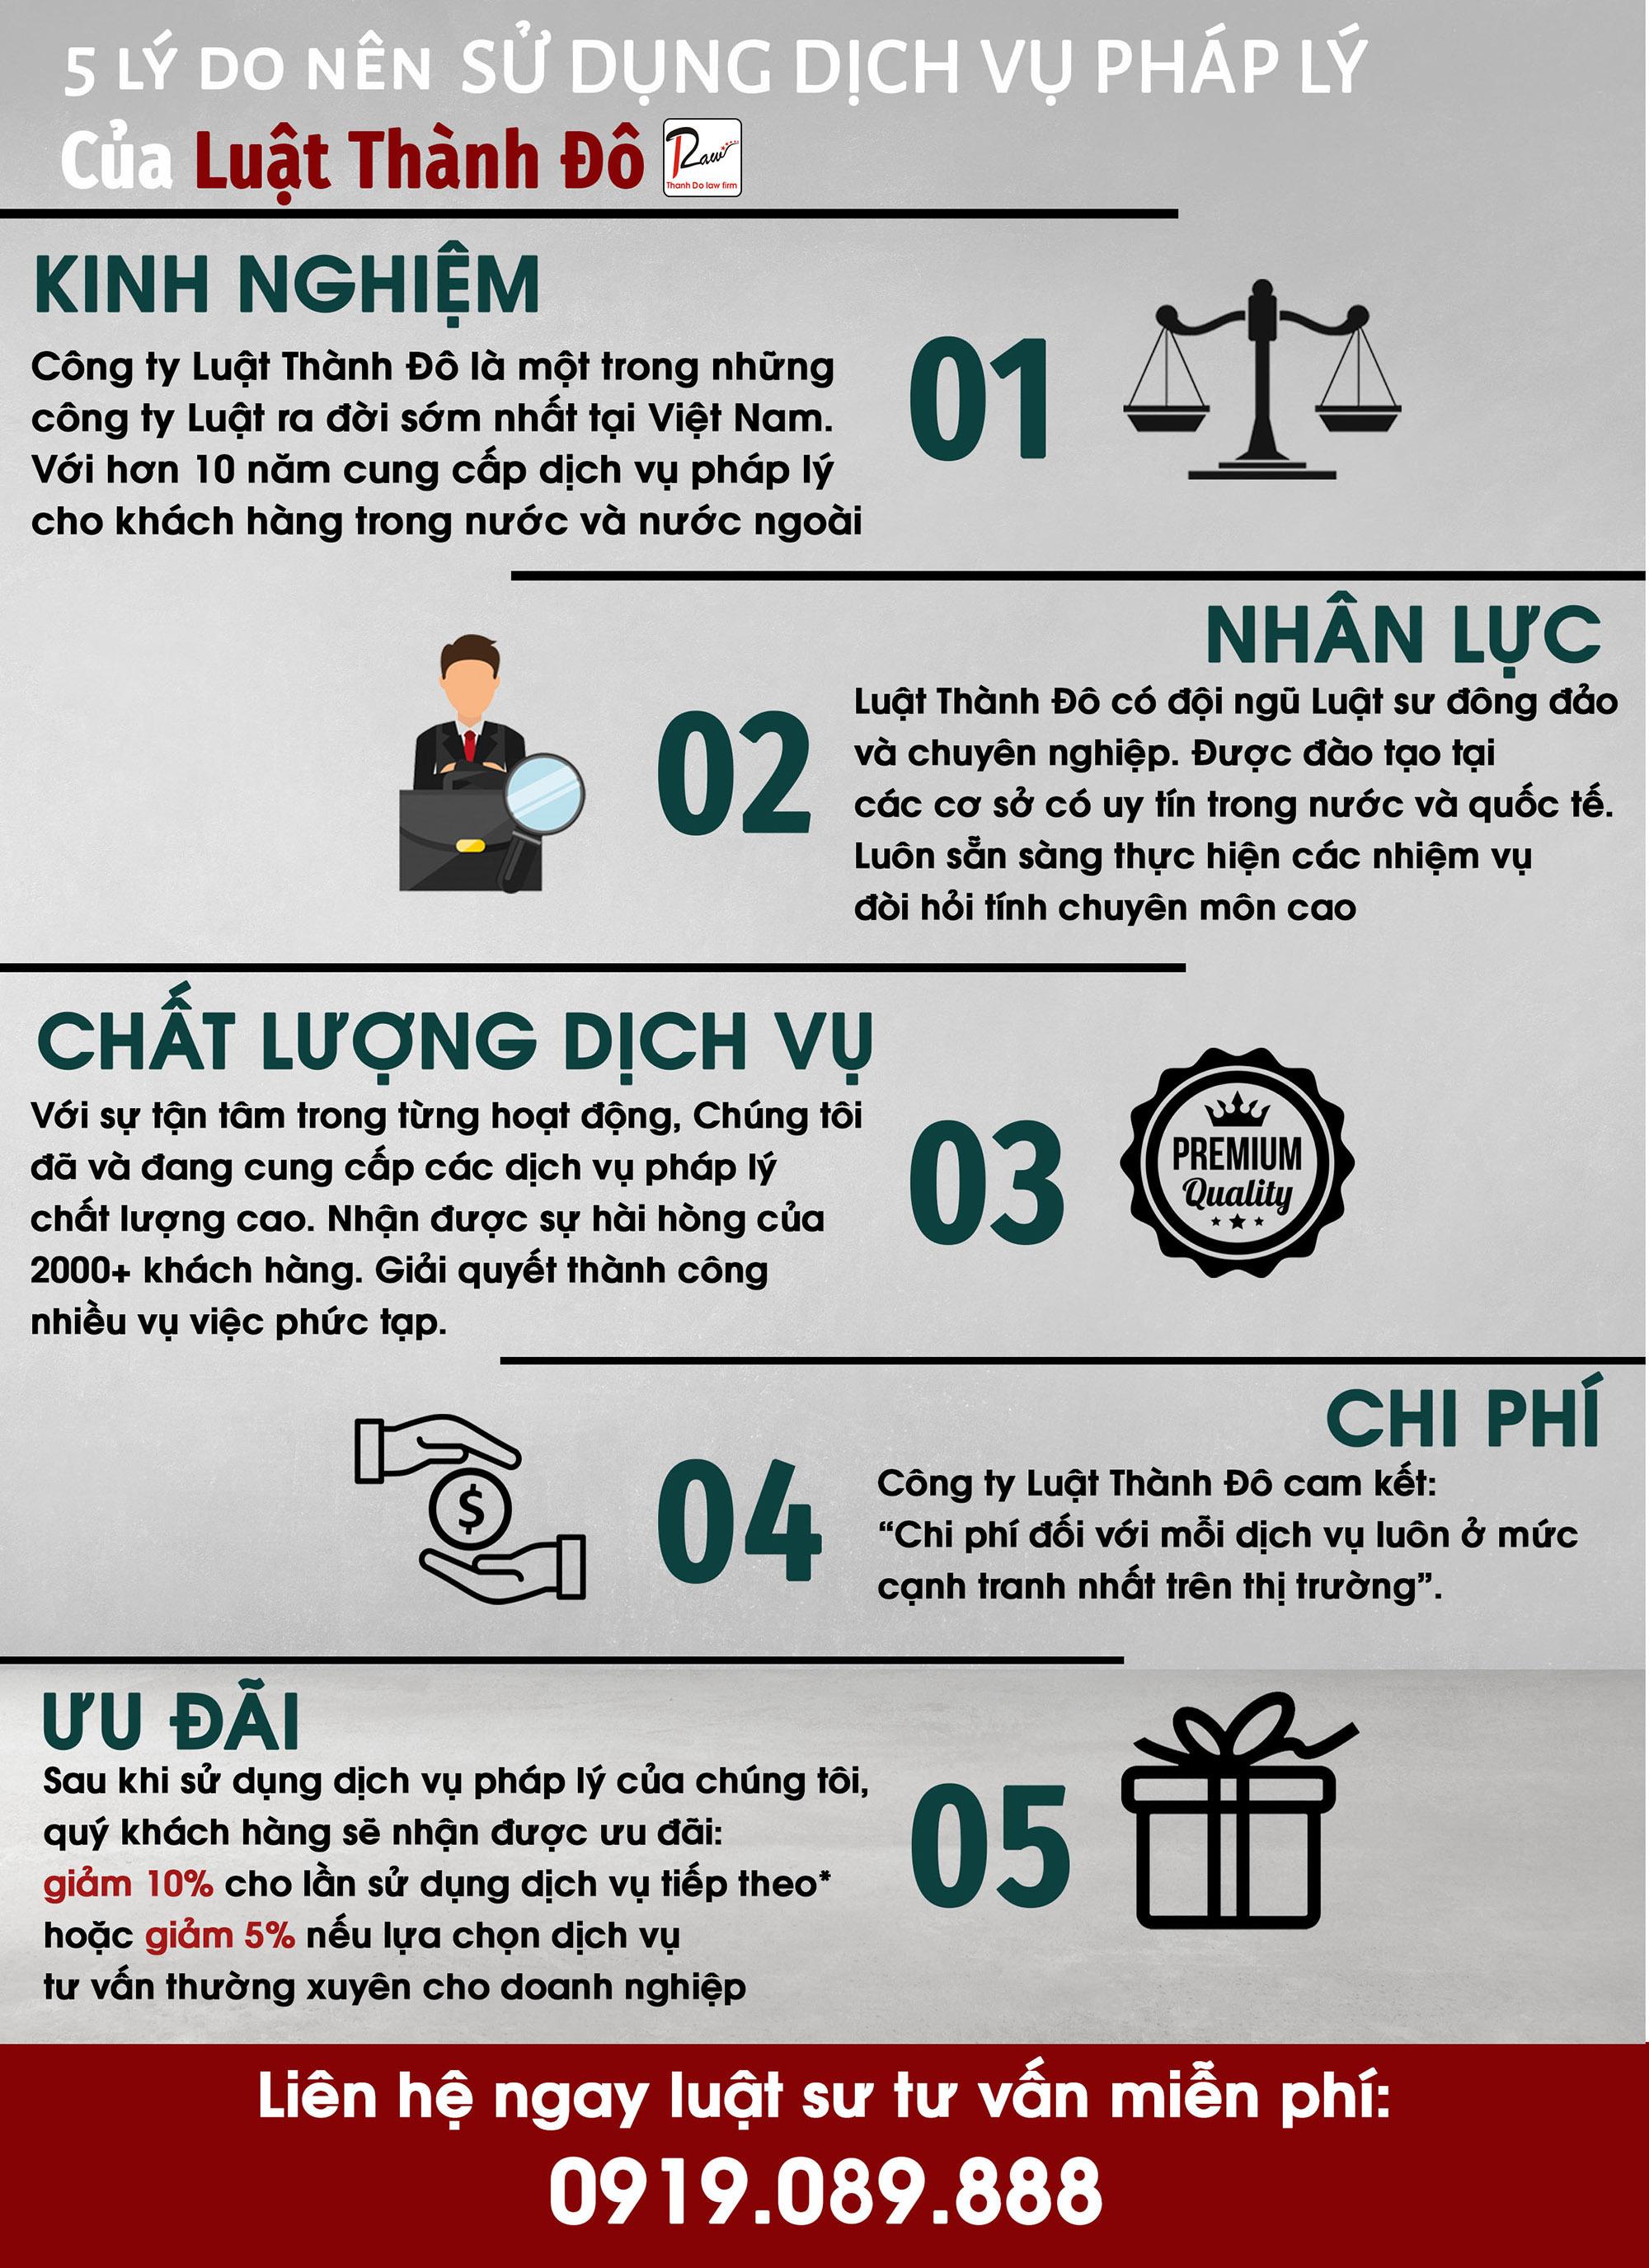 Danh mục ngành nghề cấm đầu tư tại Việt Nam